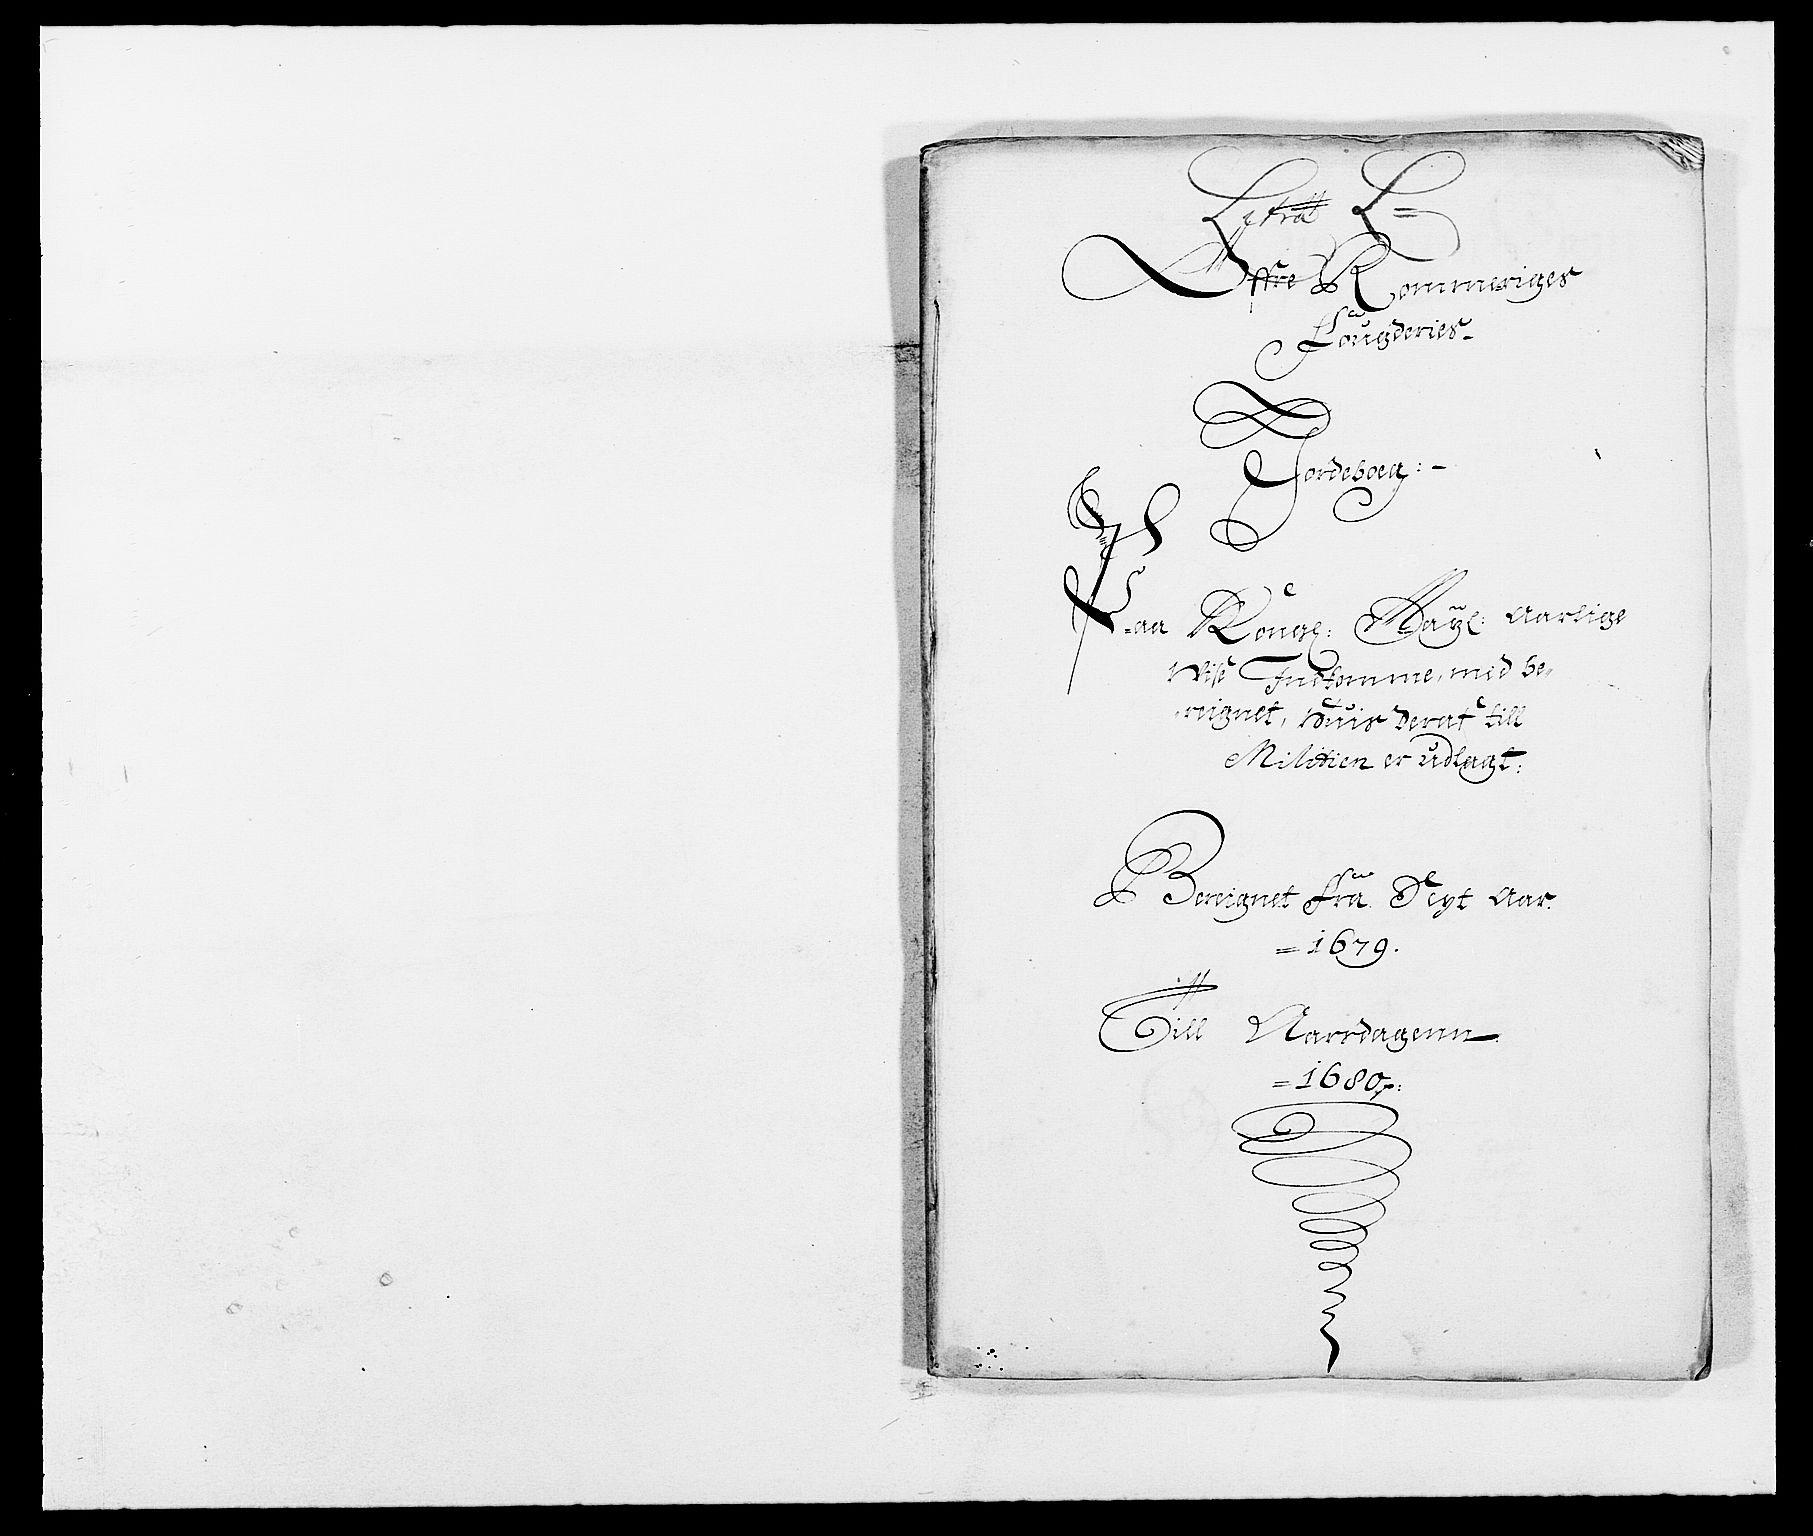 RA, Rentekammeret inntil 1814, Reviderte regnskaper, Fogderegnskap, R12/L0693: Fogderegnskap Øvre Romerike, 1678-1679, s. 295